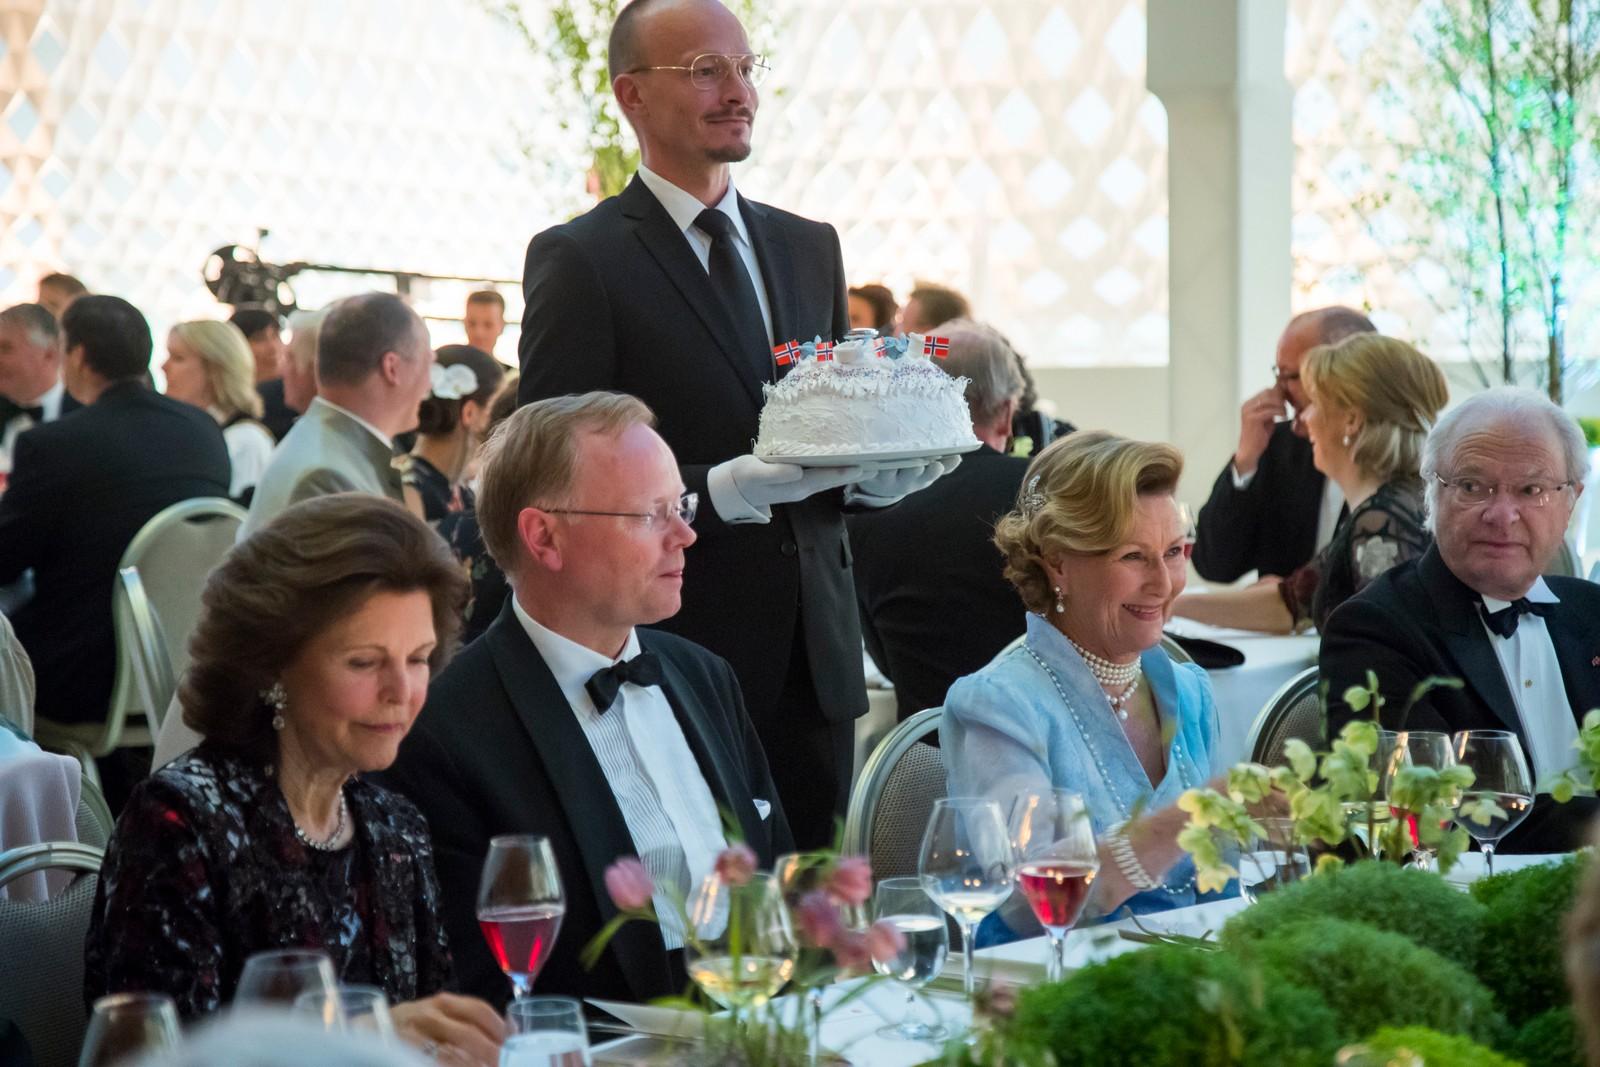 Sindre Finnes flankert av dronningene Silvia av Sverige (tv) og Sonja og kong Carl Gustav av Sverige under regjeringens festmiddag for kongeparet i Operaen i anledning deres 80-årsfeiring. POOL